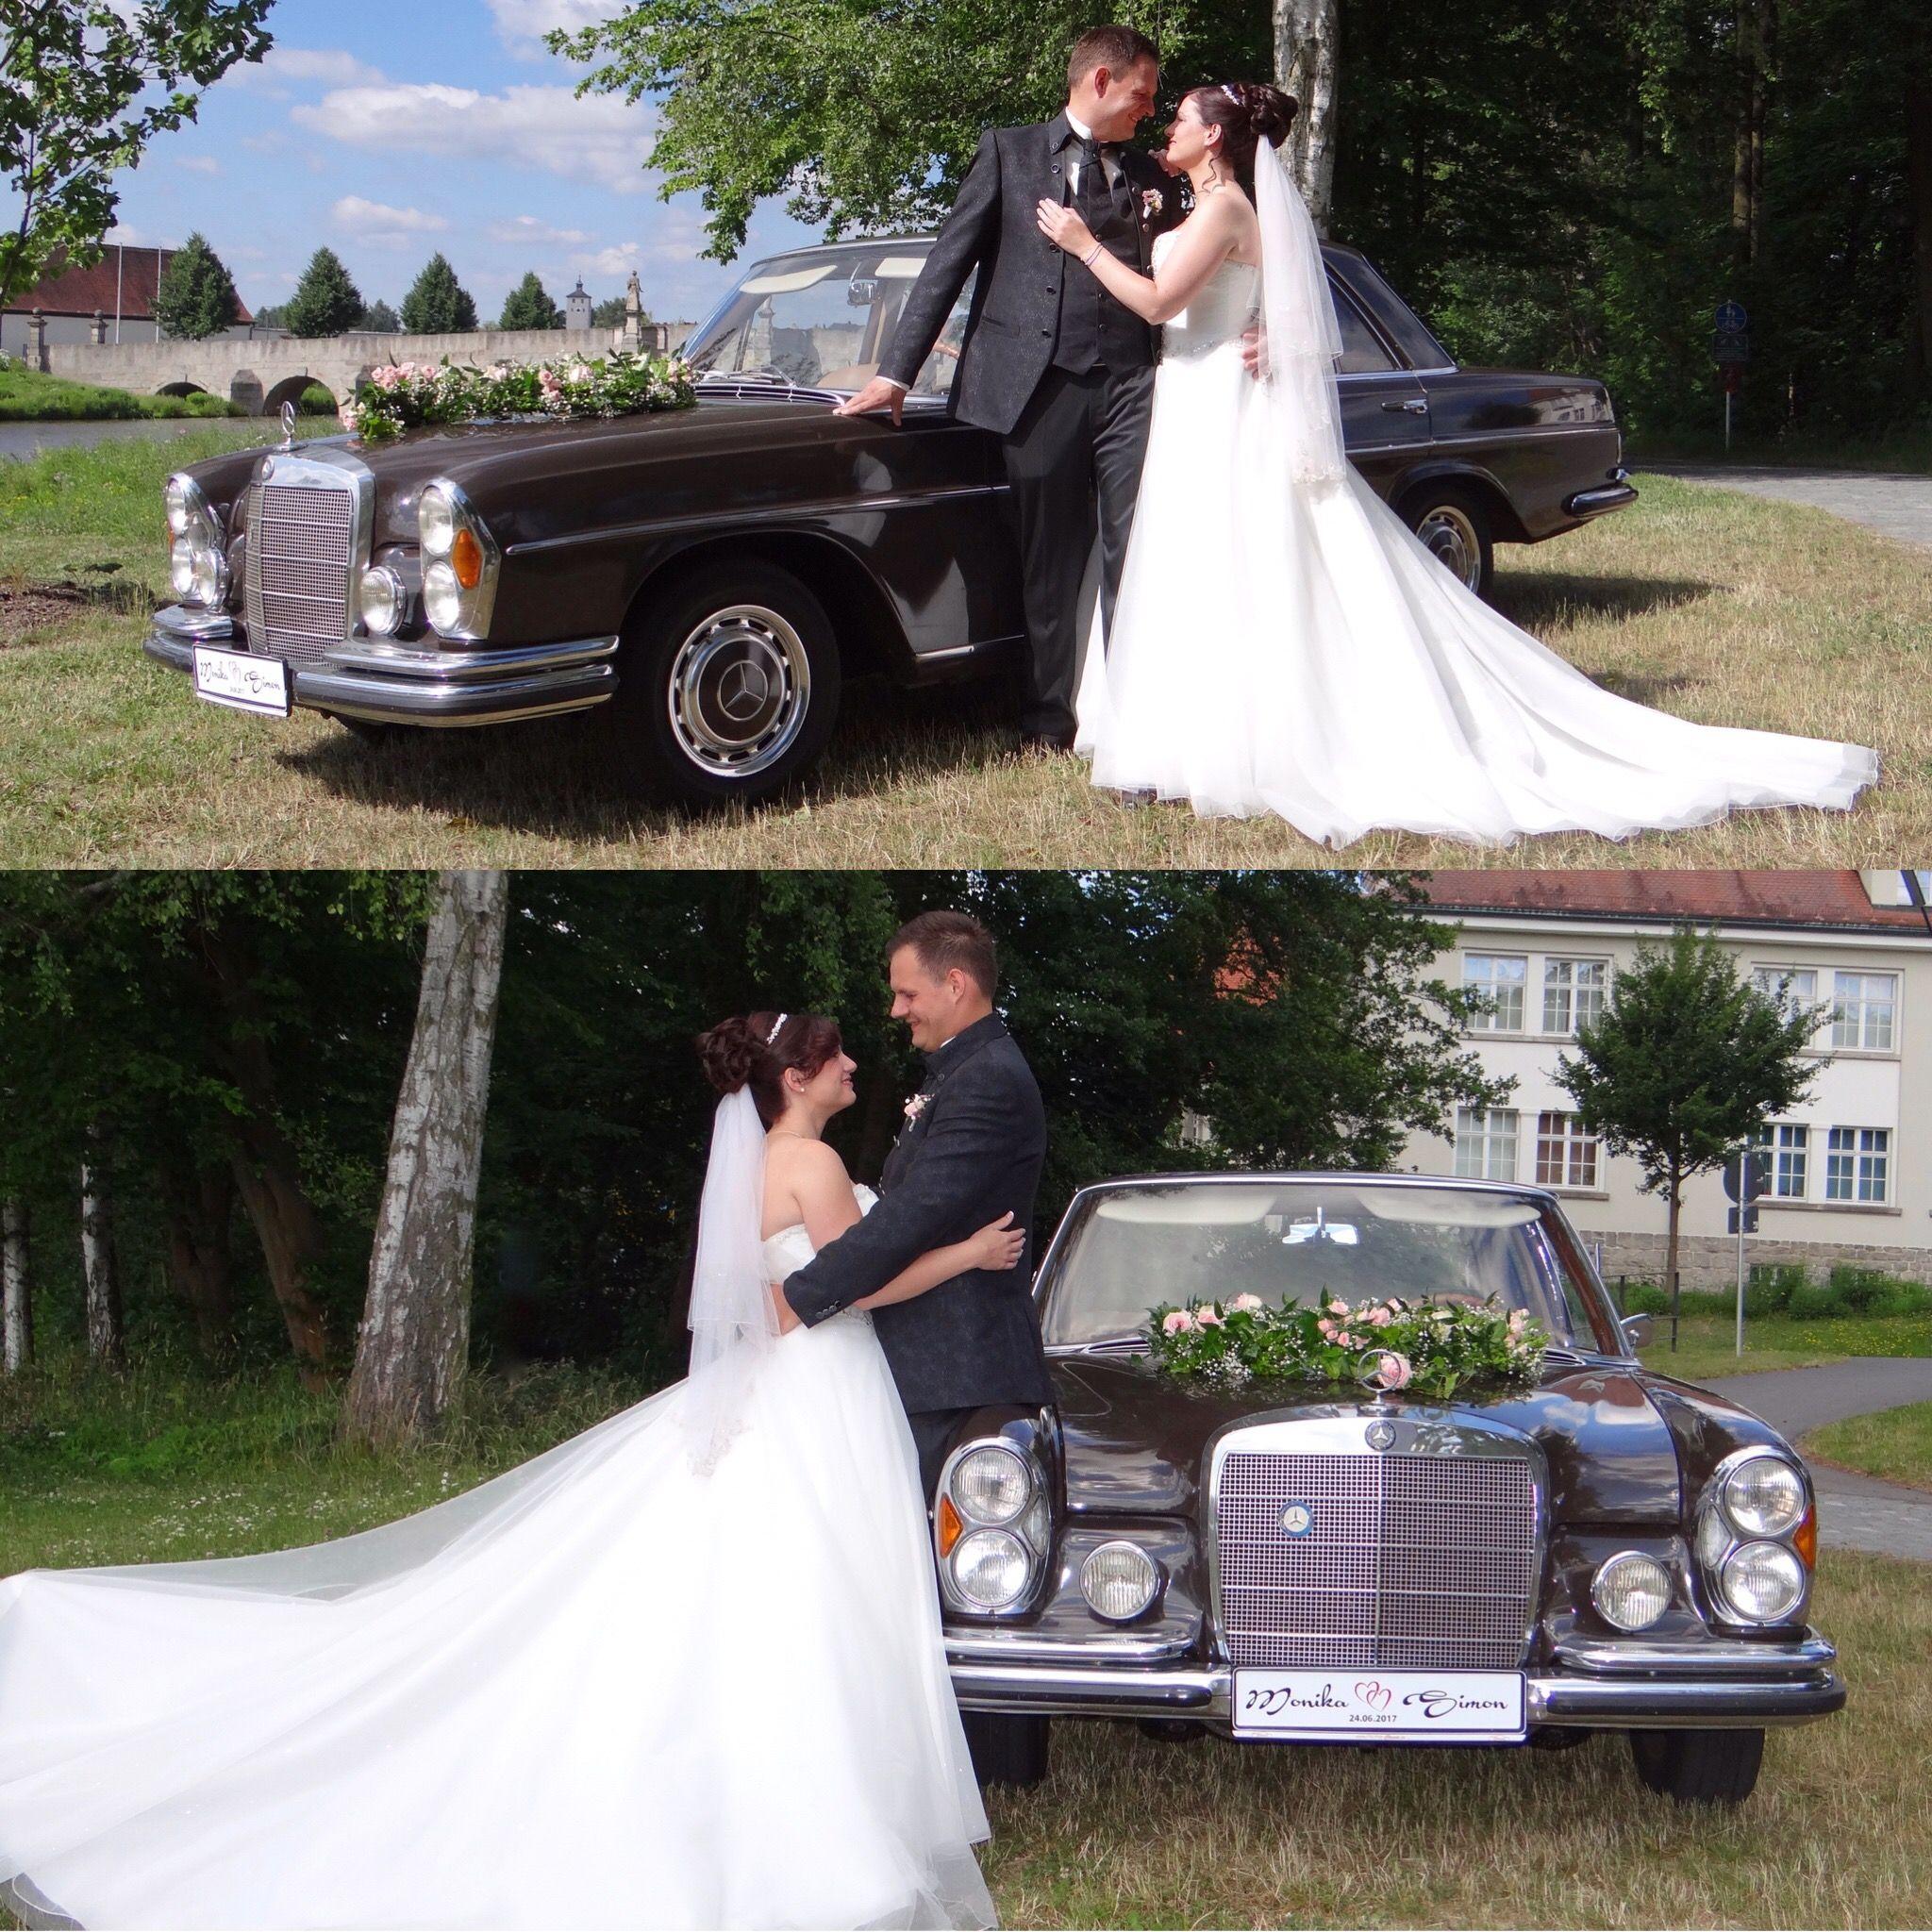 Hochzeit mit Fischer-Classic #oldtimer #hochzeitsauto #wedding #hochzeit #mercedesbenz #mercedesbenzclassic #fischer-classic #brautauto #weddingday #weddingcar #weddingfun #tirschenreuth #oberpfalz #heiraten